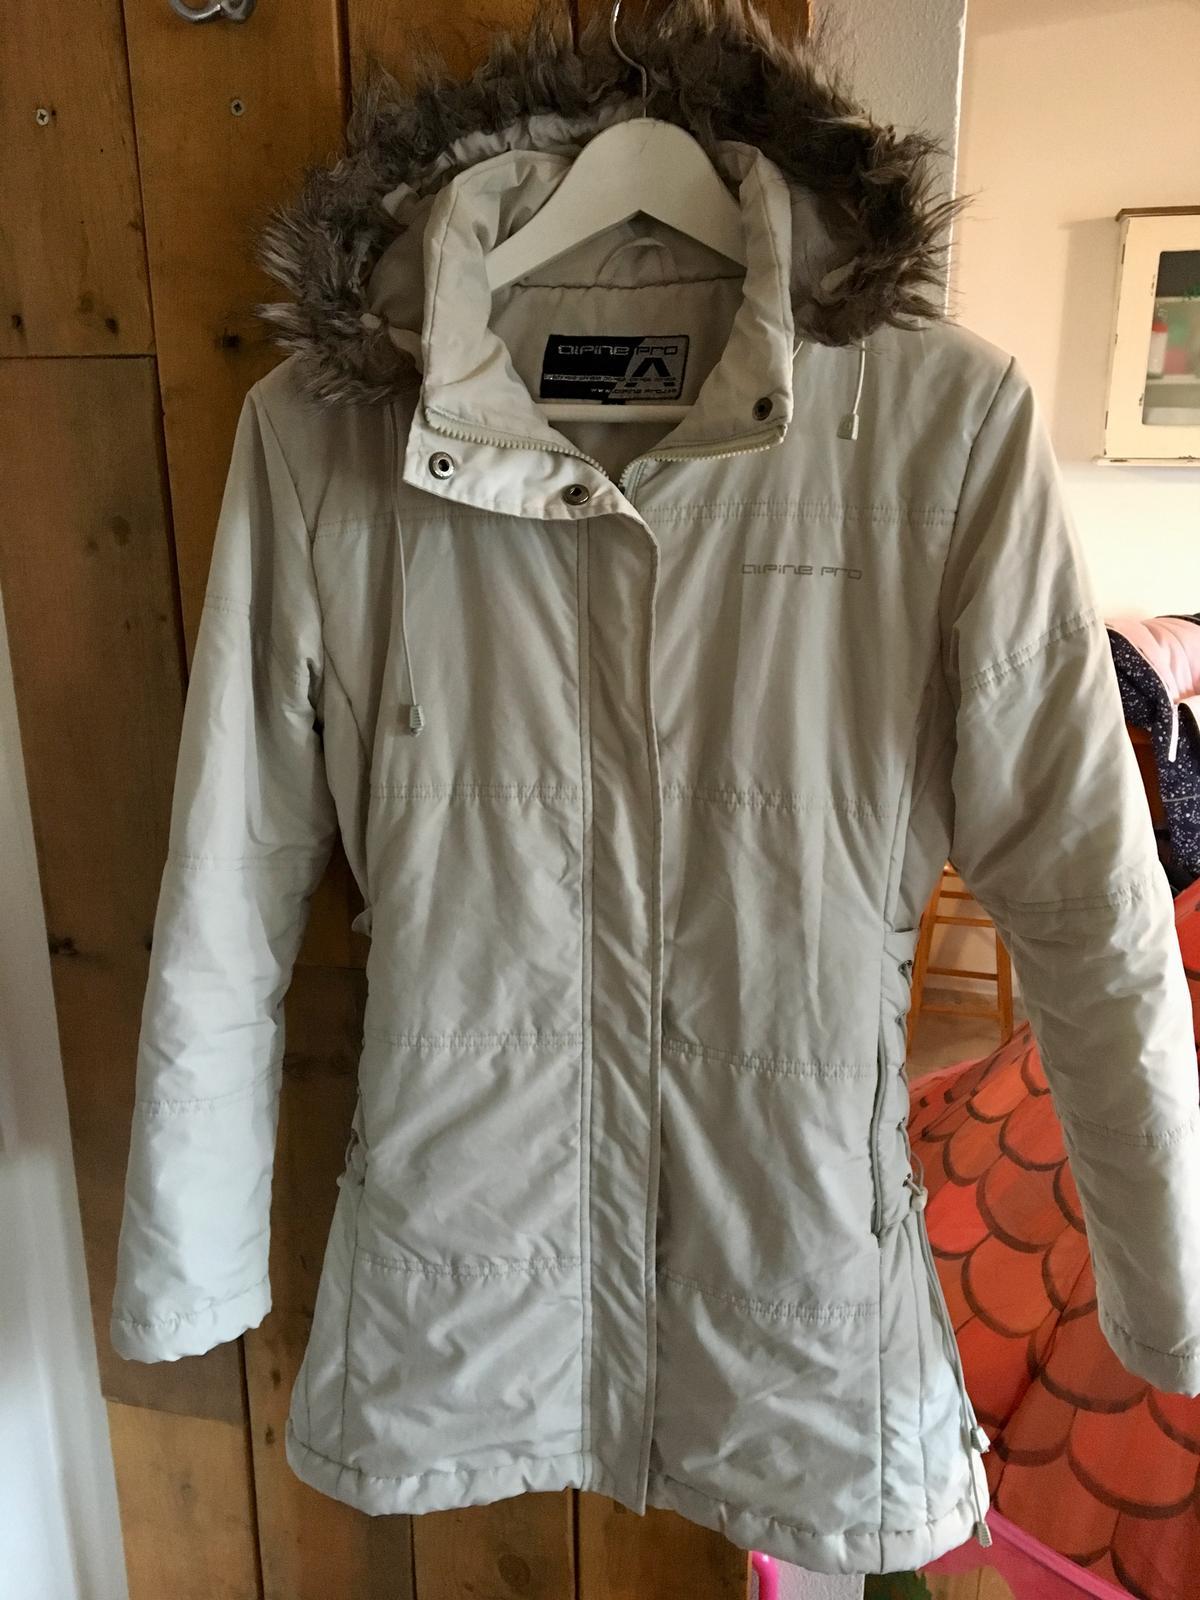 2b2553bbe282d Dámska zimná bunda alpinepro, alpine pro,m - 15 € od predávajúcej pebles55  | Detský bazár | ModryKonik.sk